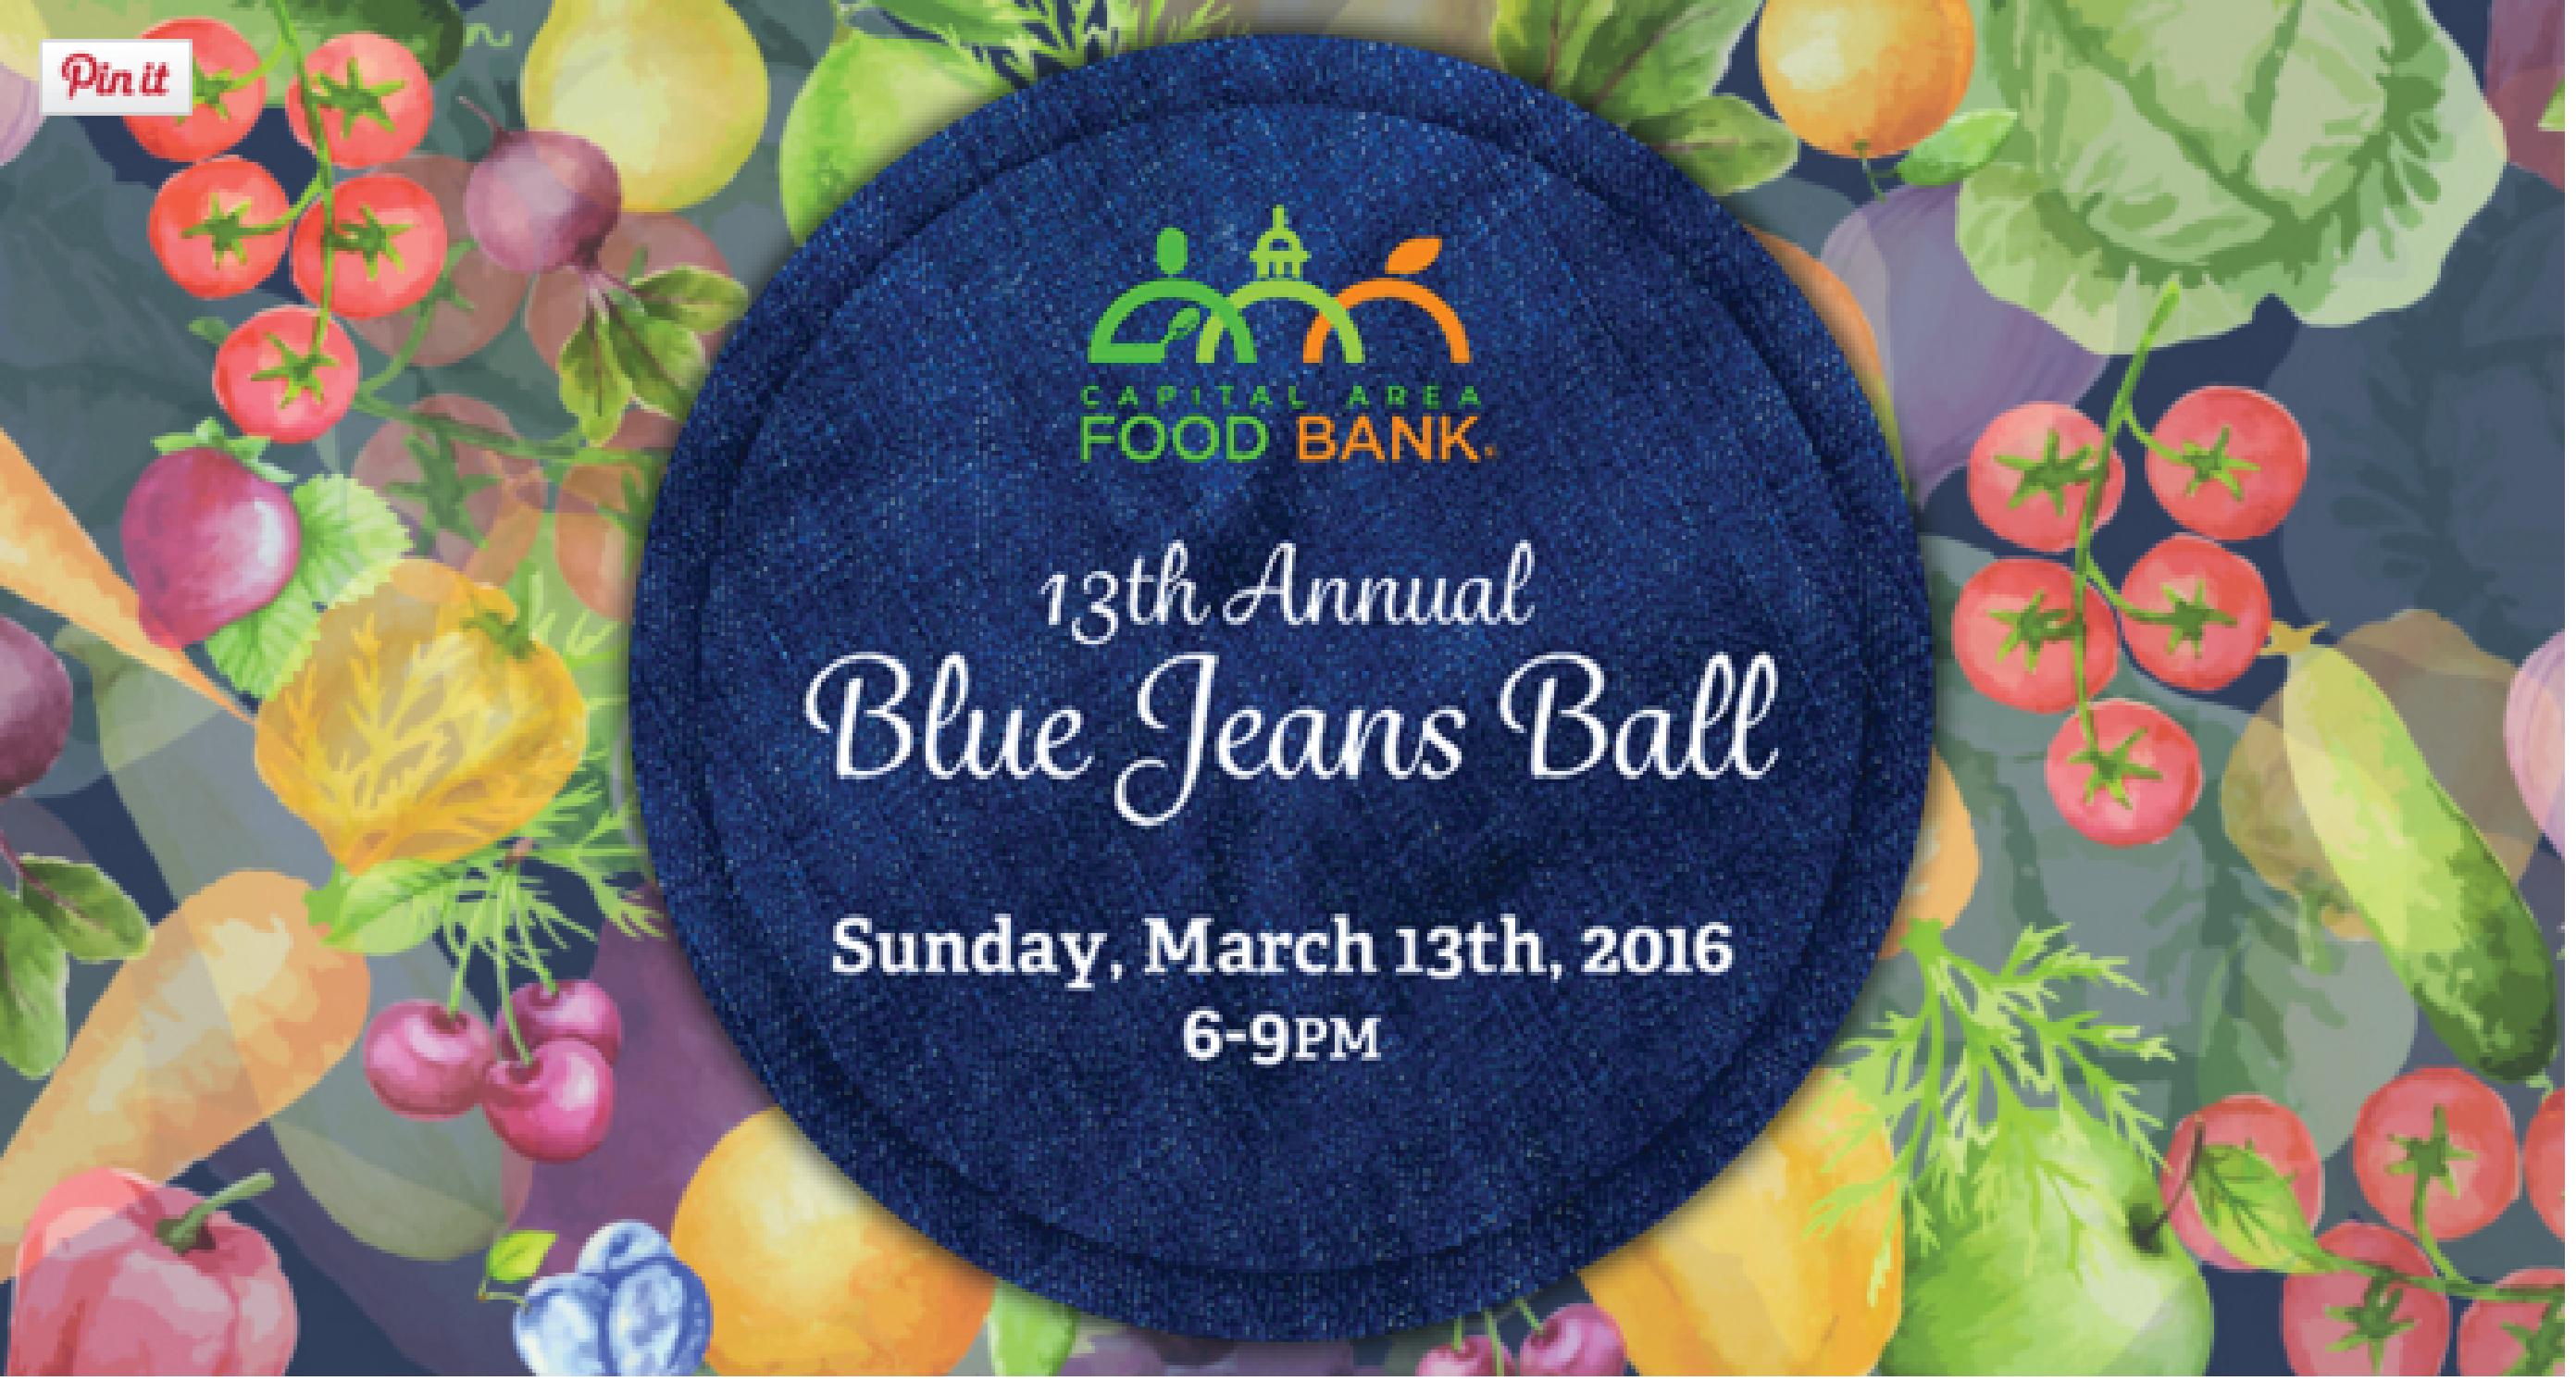 blue jean ball